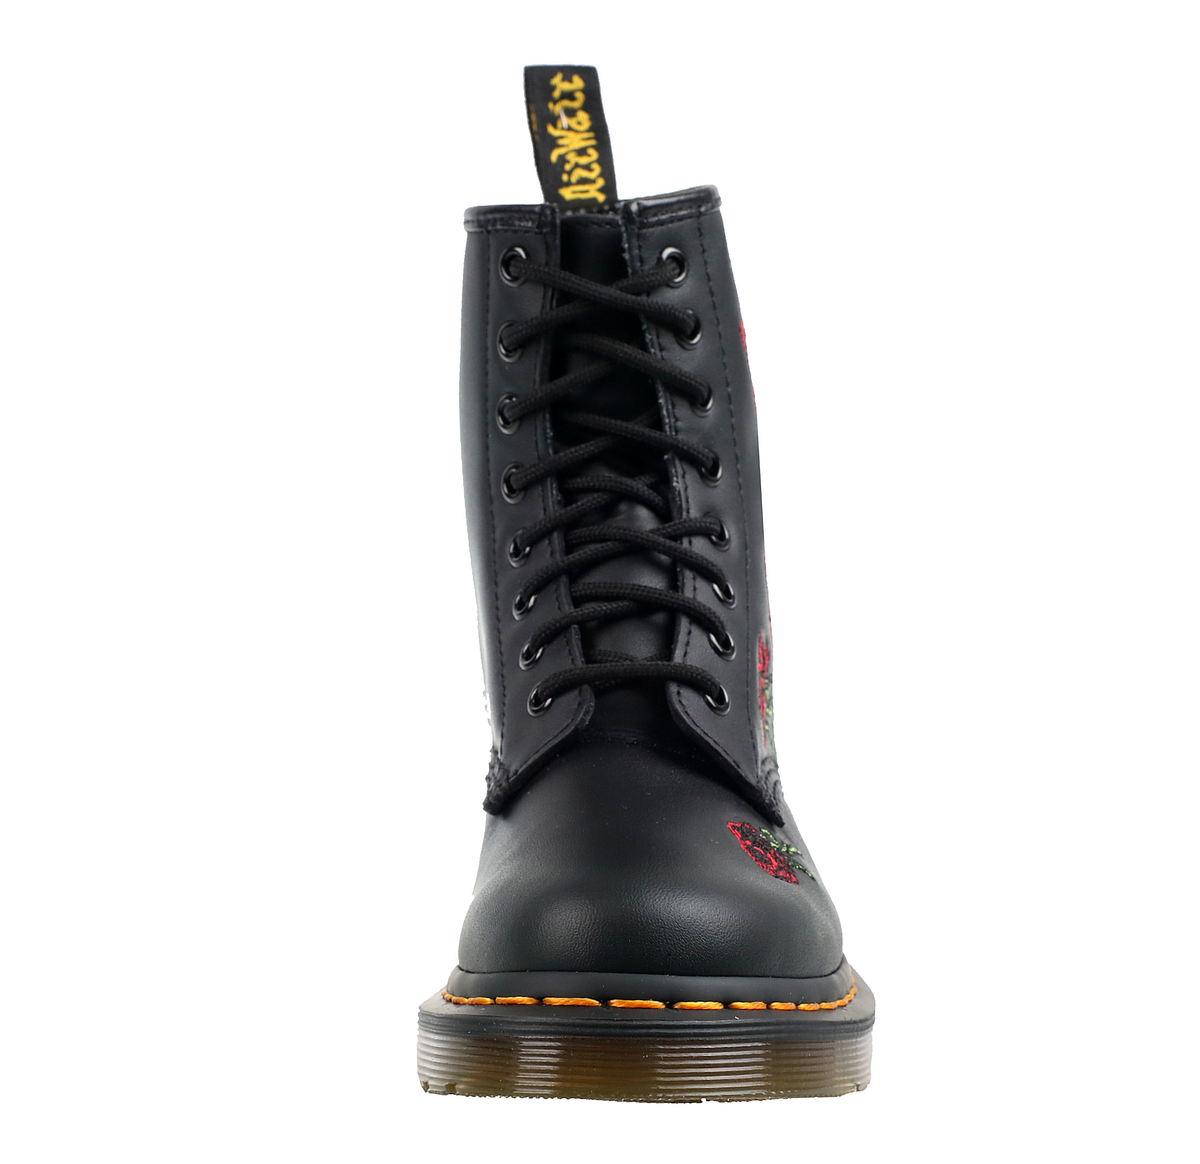 59faaa8ecf topánky dámske DR.MARTENS - 8 dierkové - DM24722001 - metalshop.sk